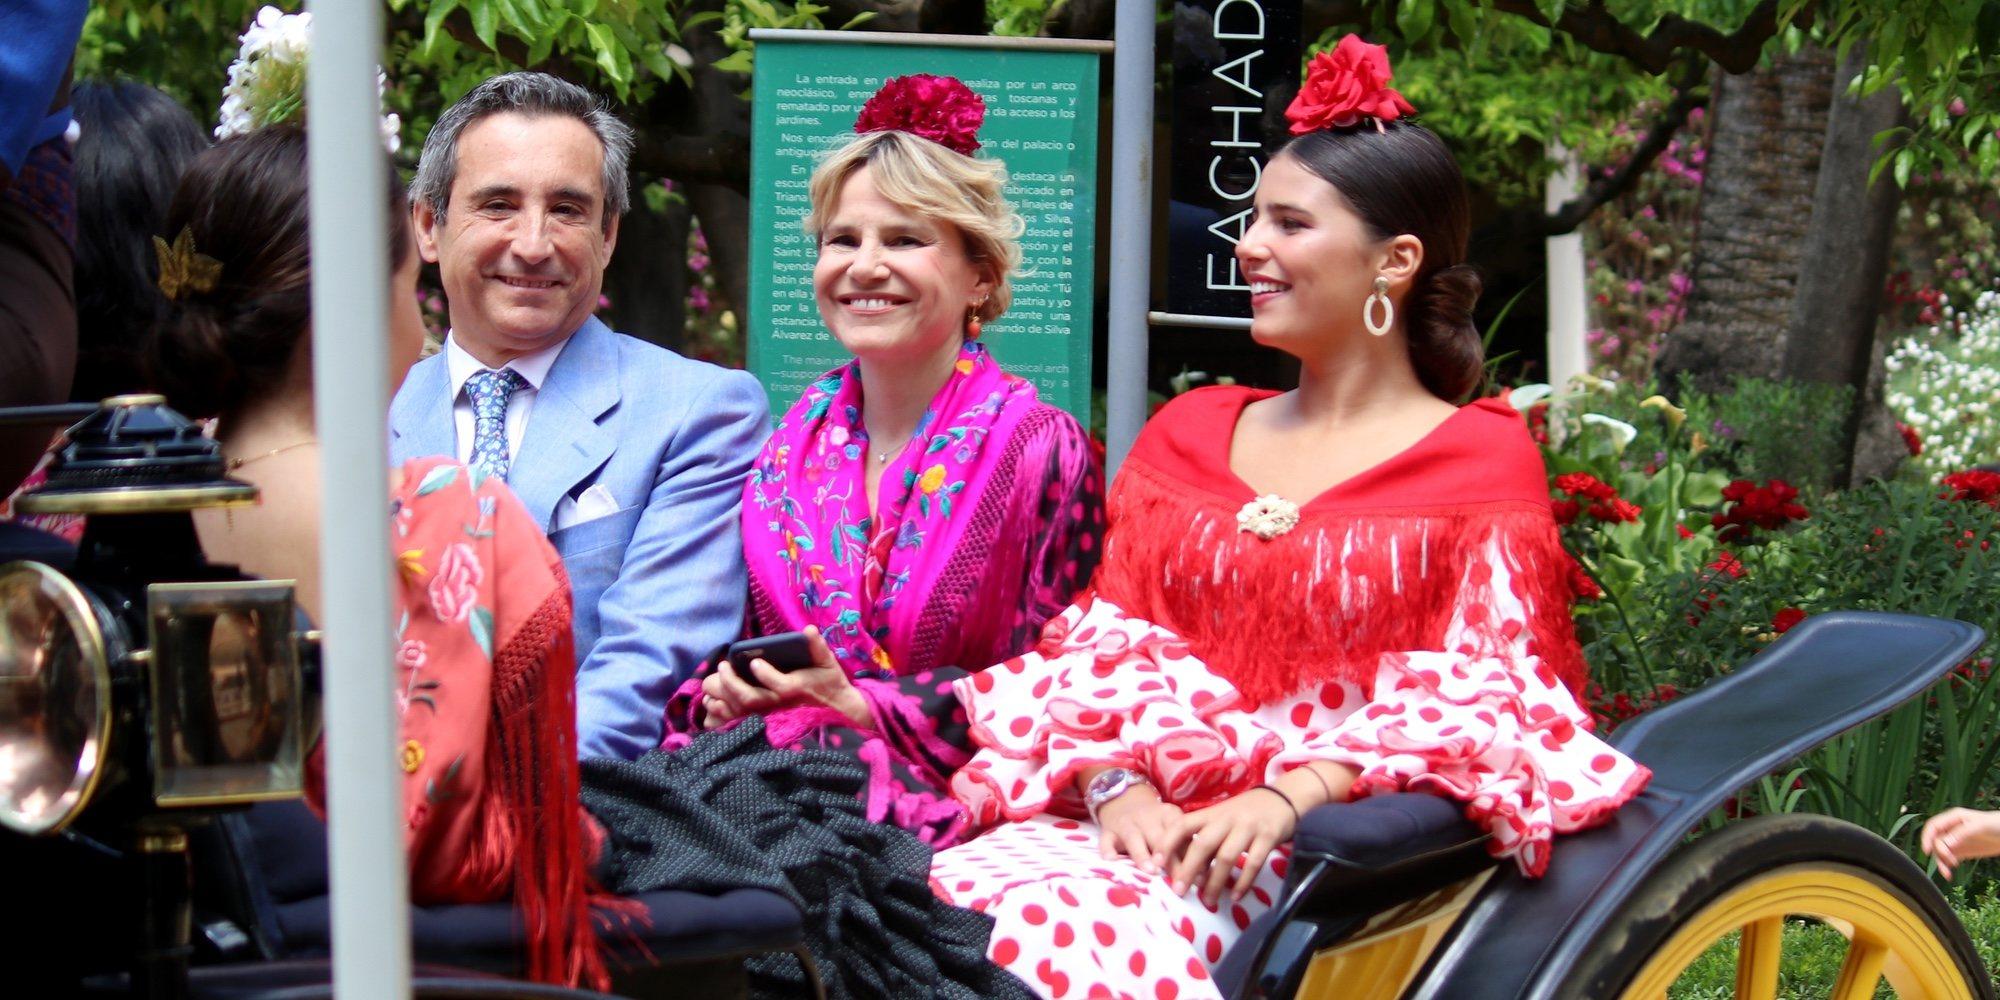 Ágatha Ruiz de la Prada, Lourdes Montes y Raquel Bollo pasean por el Real de la Feria de Abril 2019